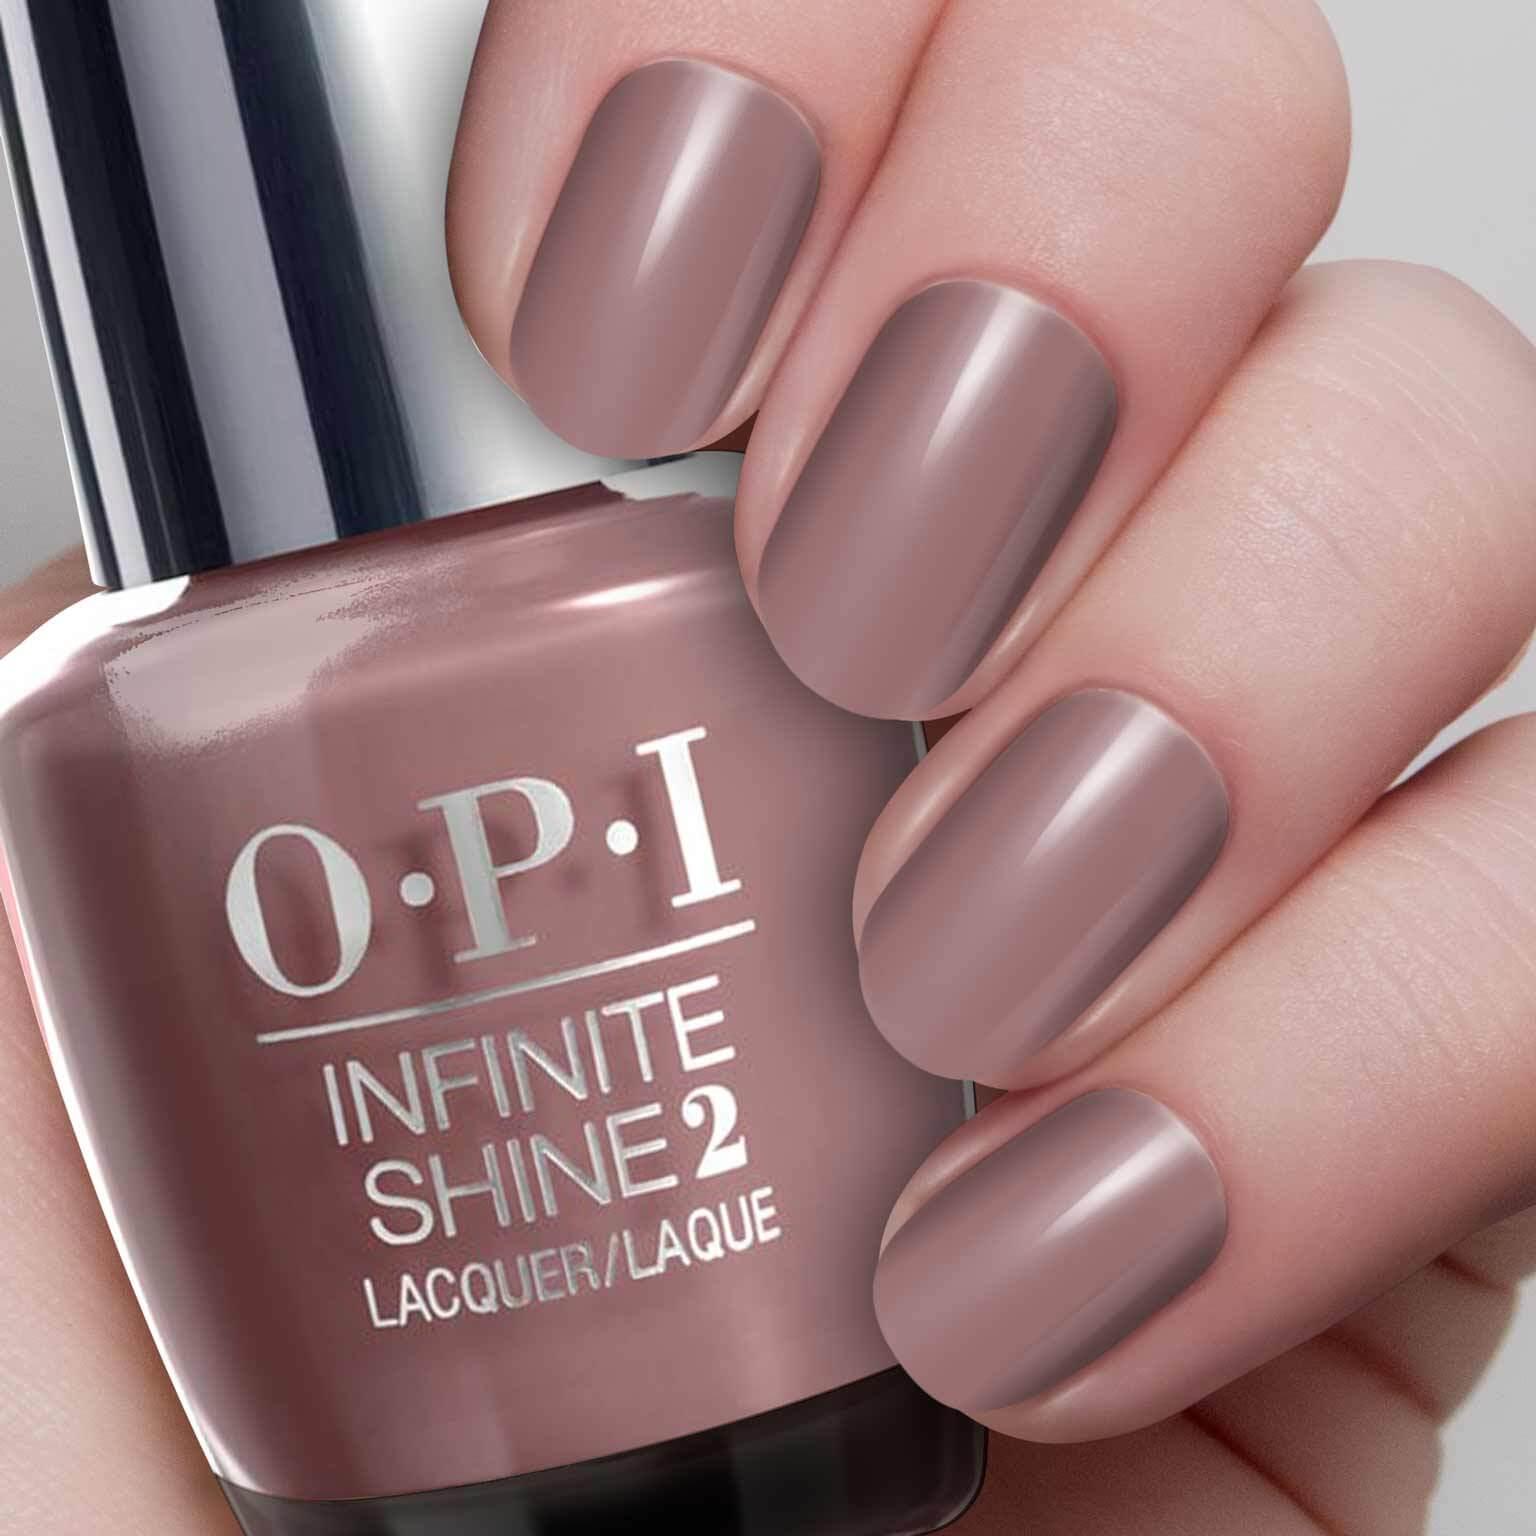 OPI Infinite Shine: Esmalte acabado gel de OPI